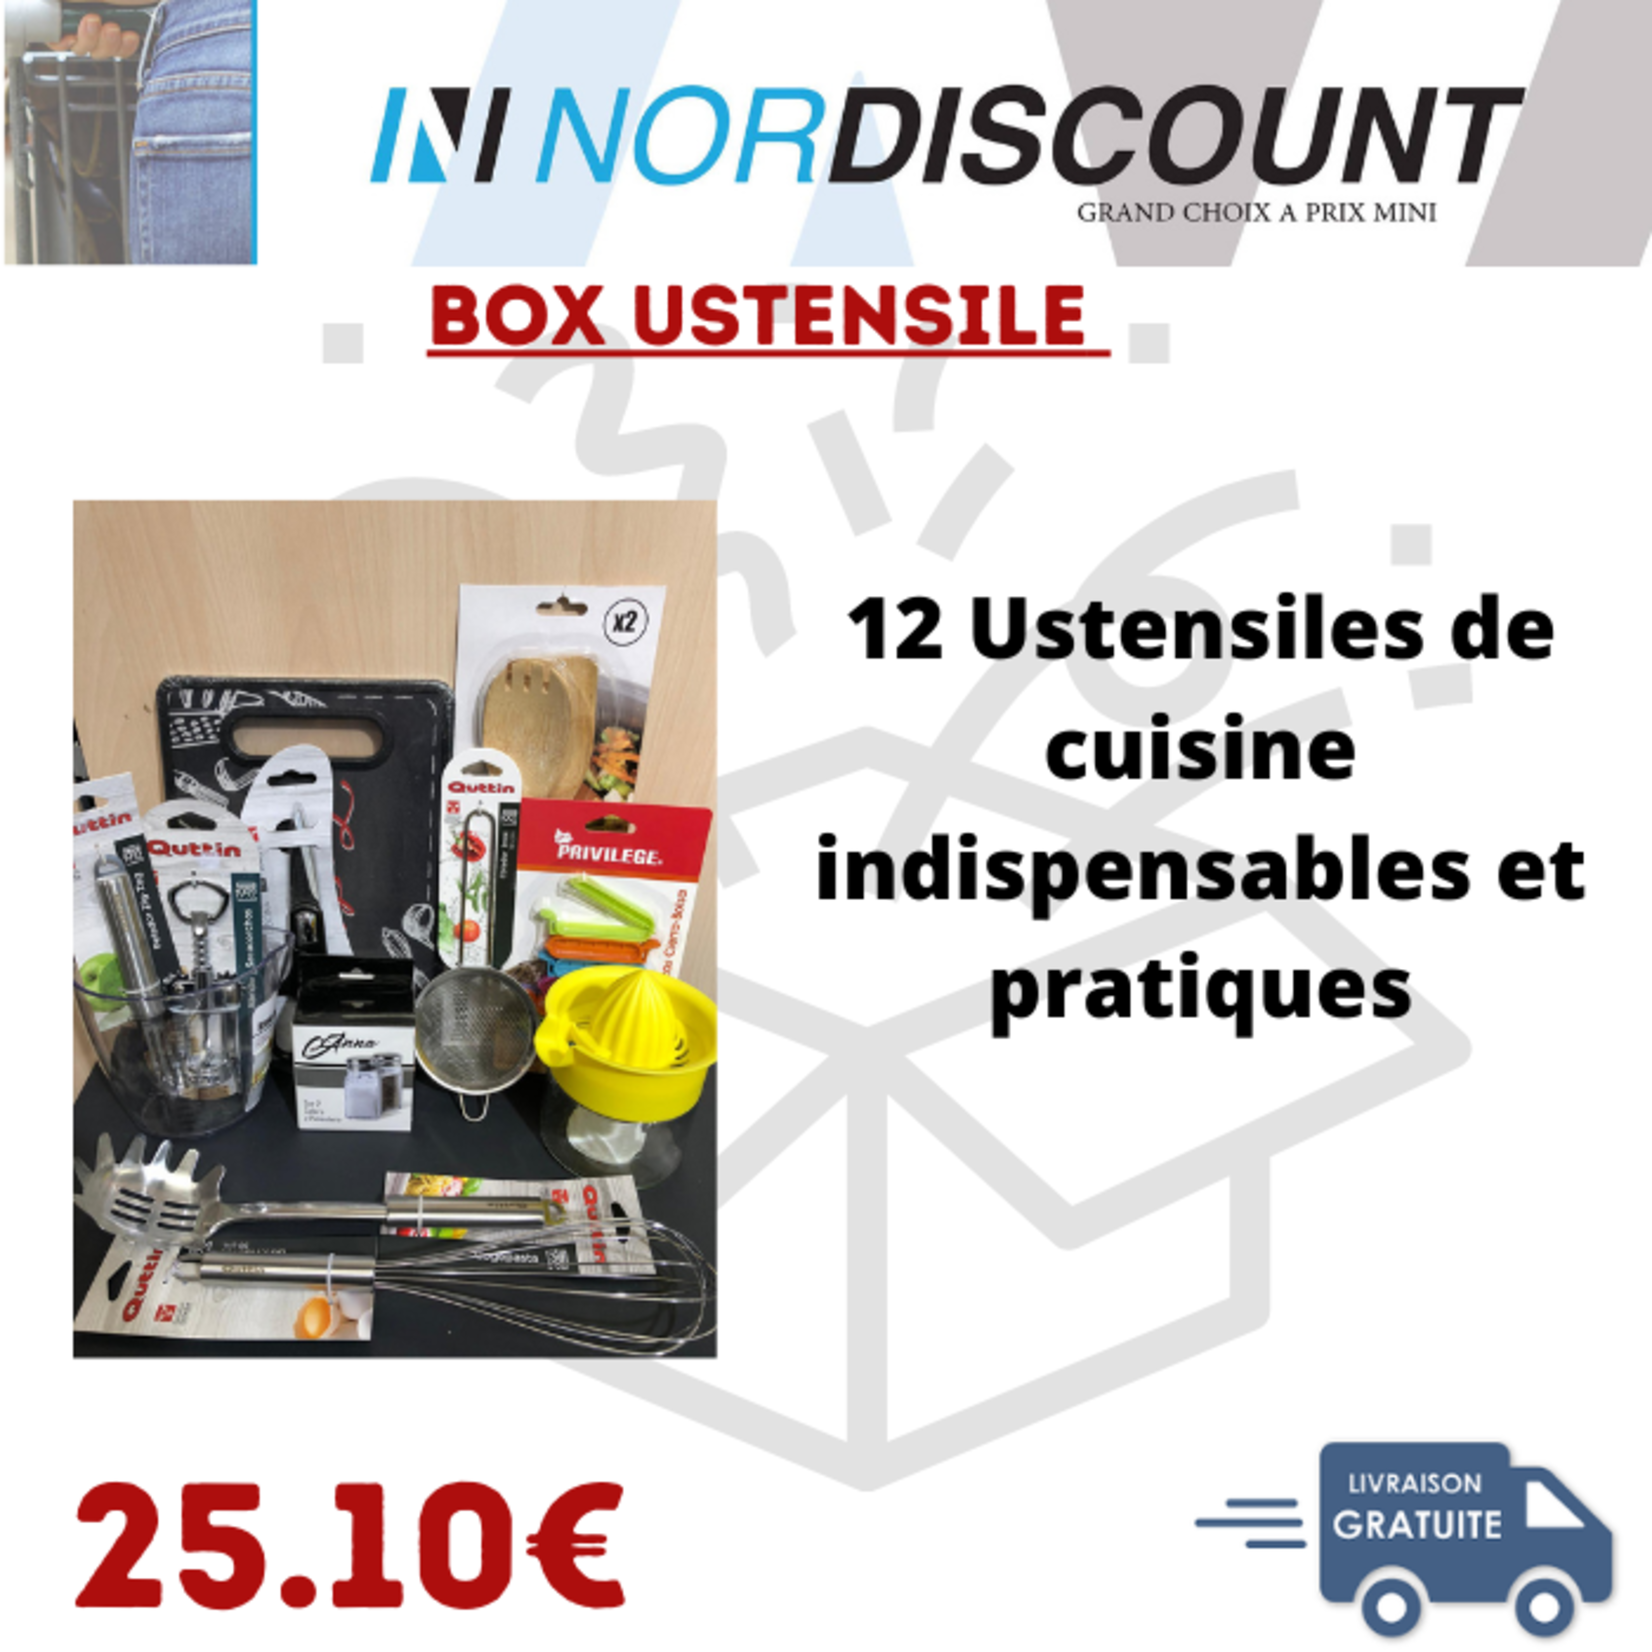 Box ustensile